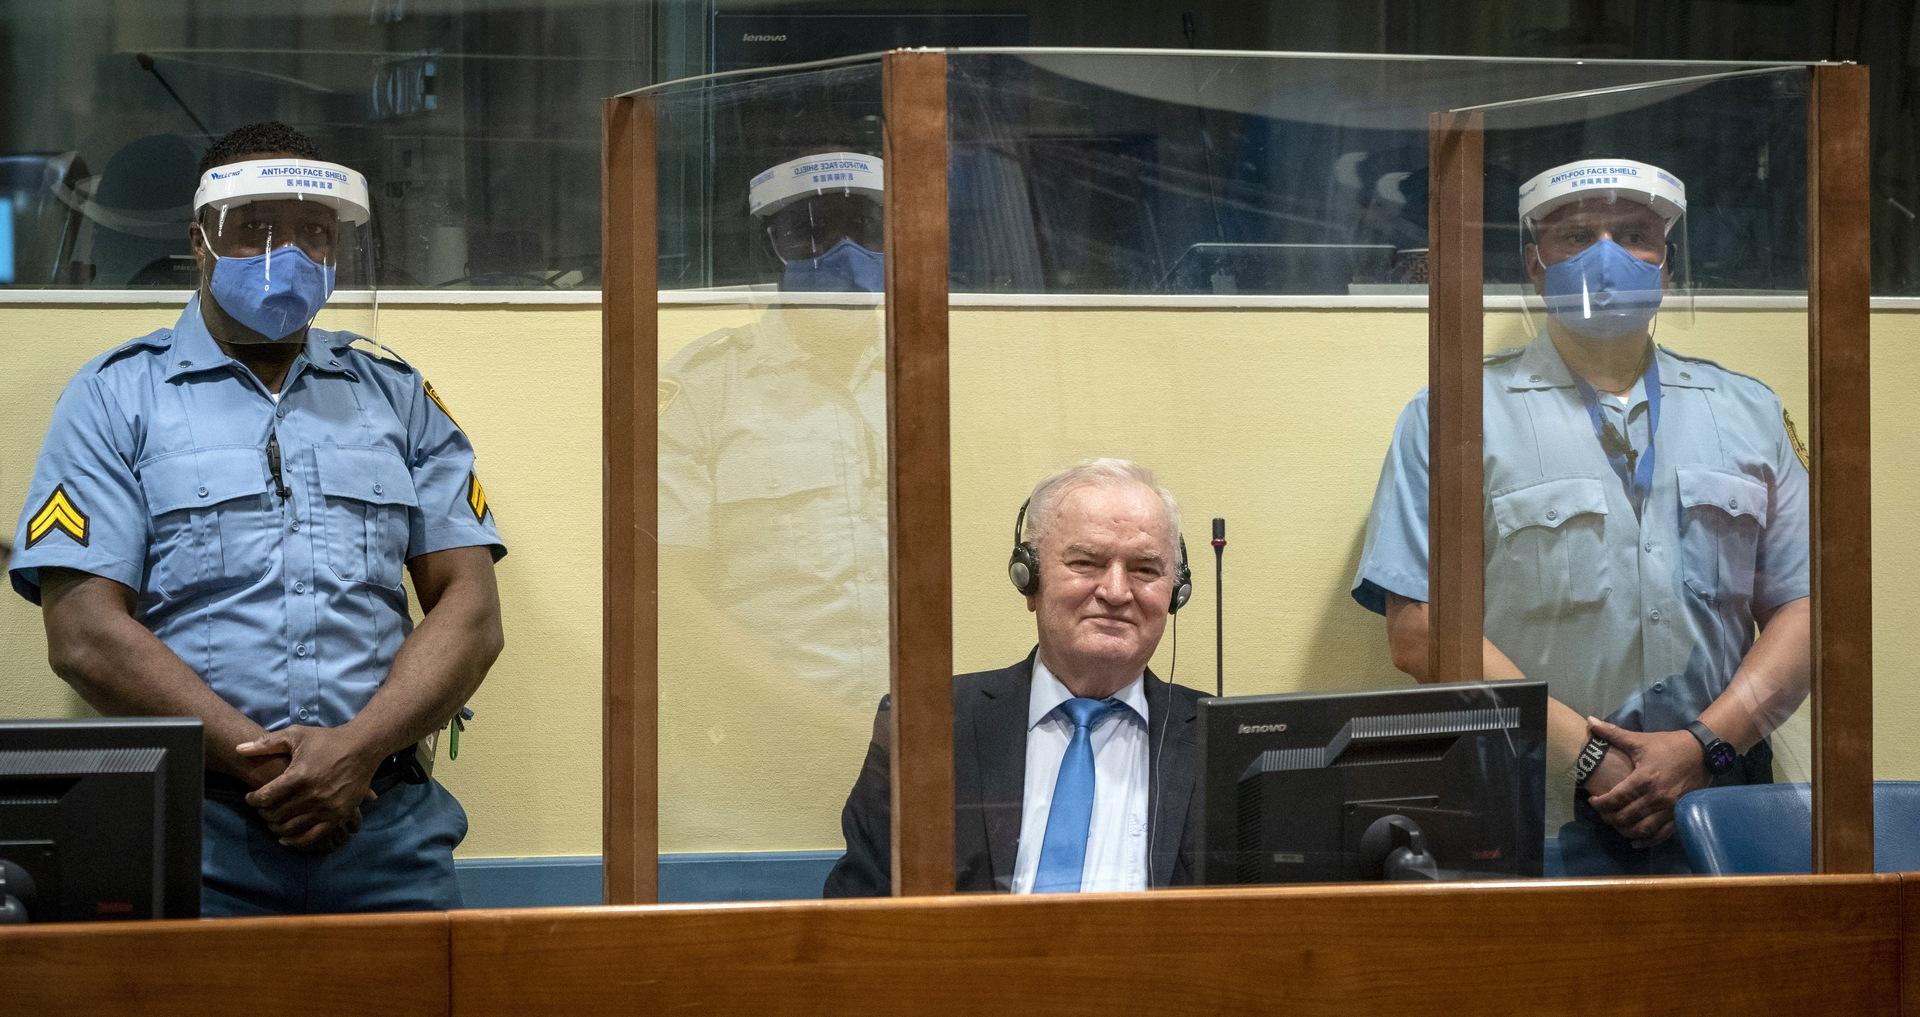 روسيا: نطالب بفحص طبي مستقل لملاديتش.. وقرار غرفة الاستئناف بشأنه مسيس